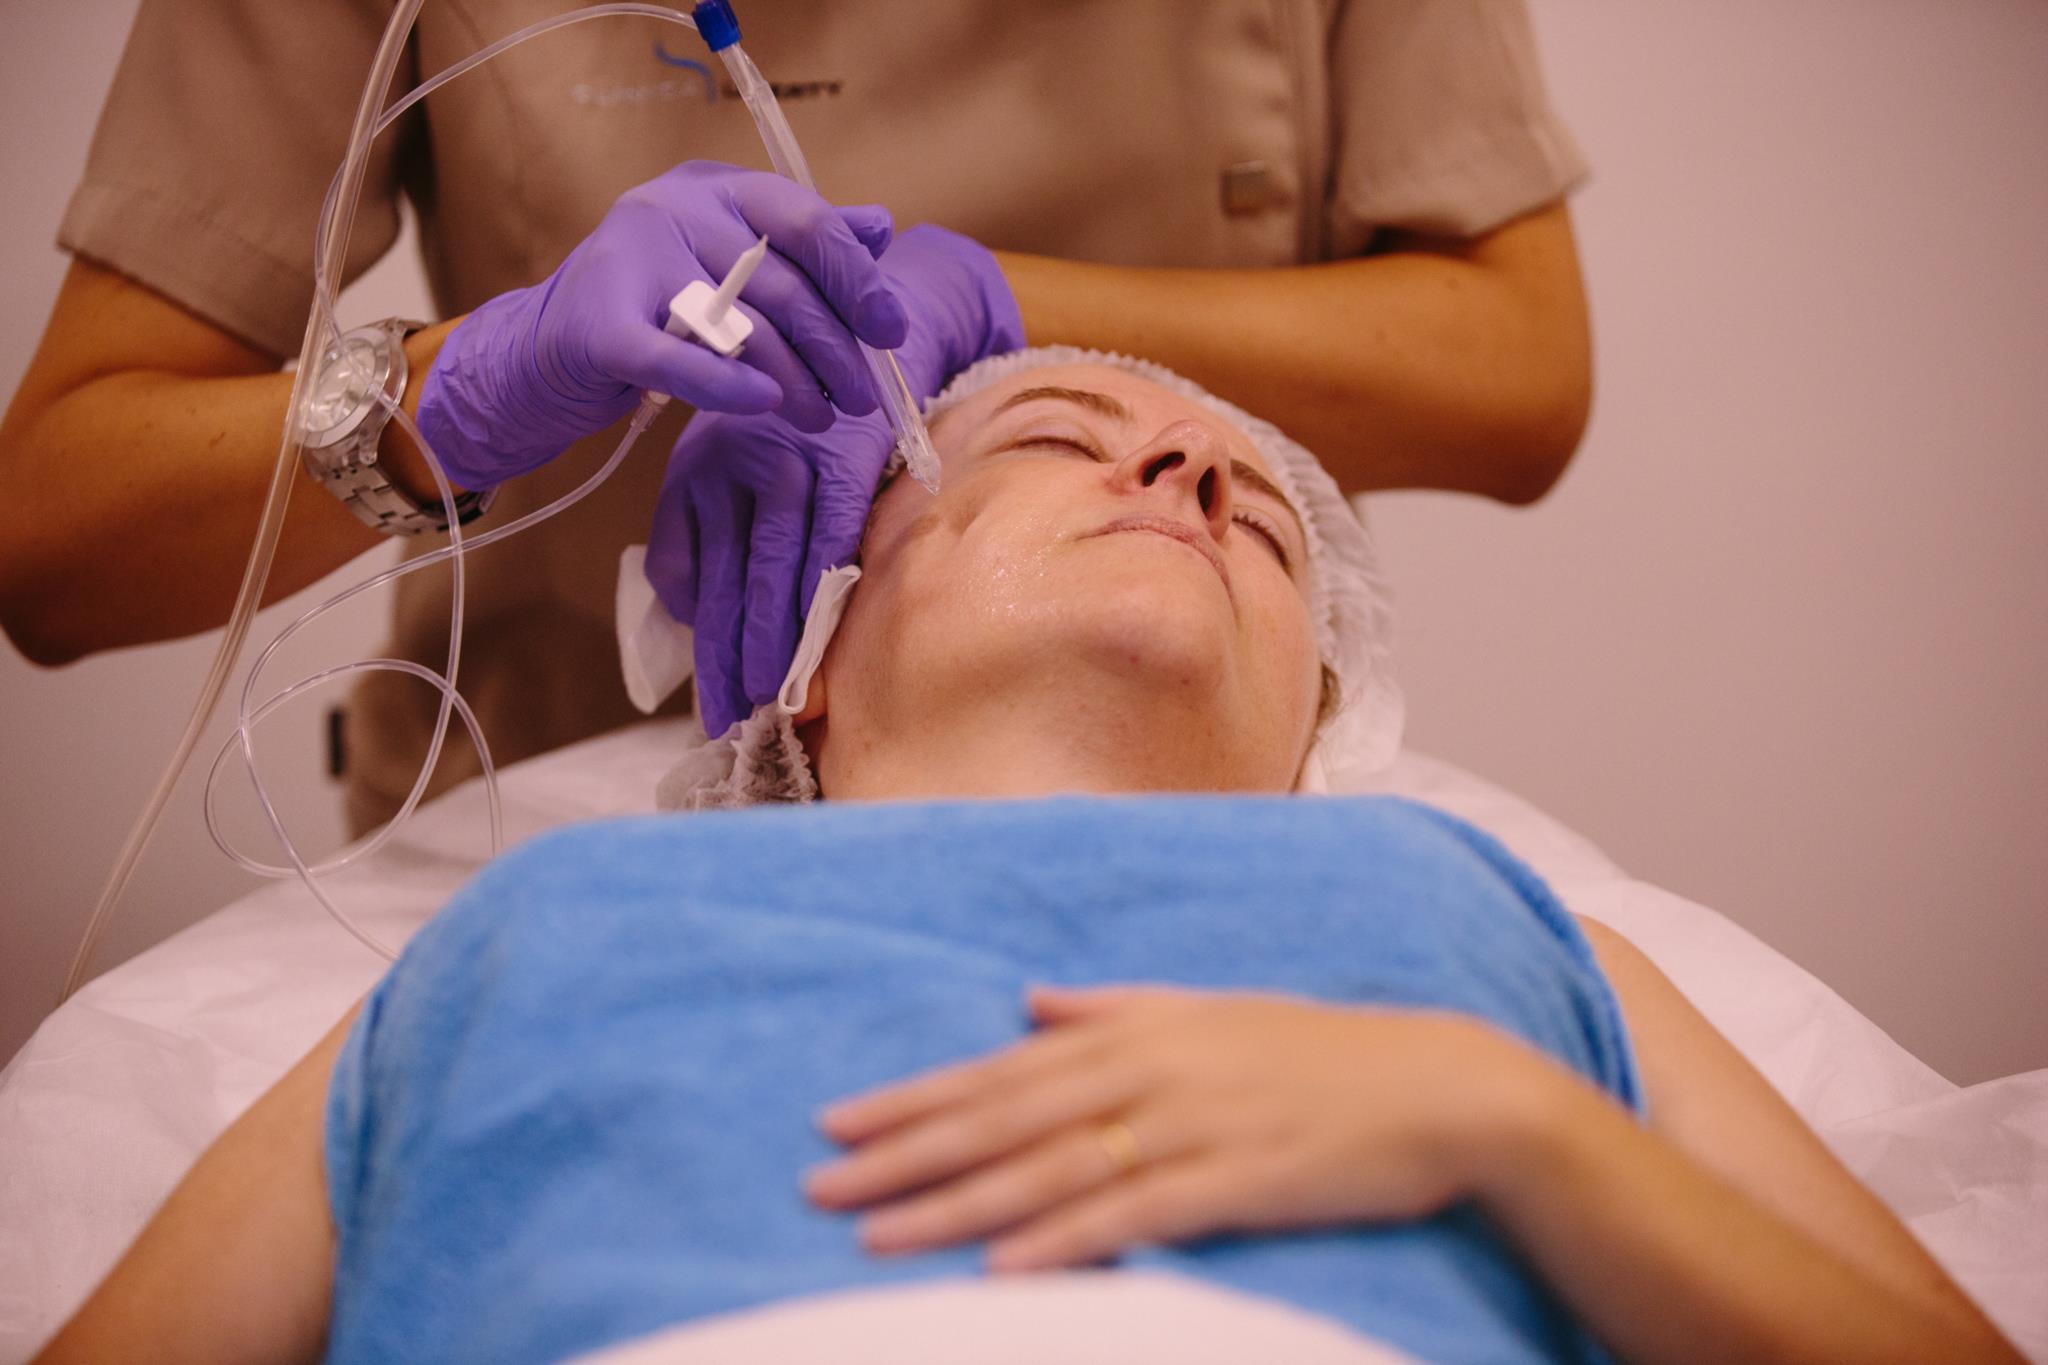 PÚBLICO - Medicina estética: a seringa antes do bisturi